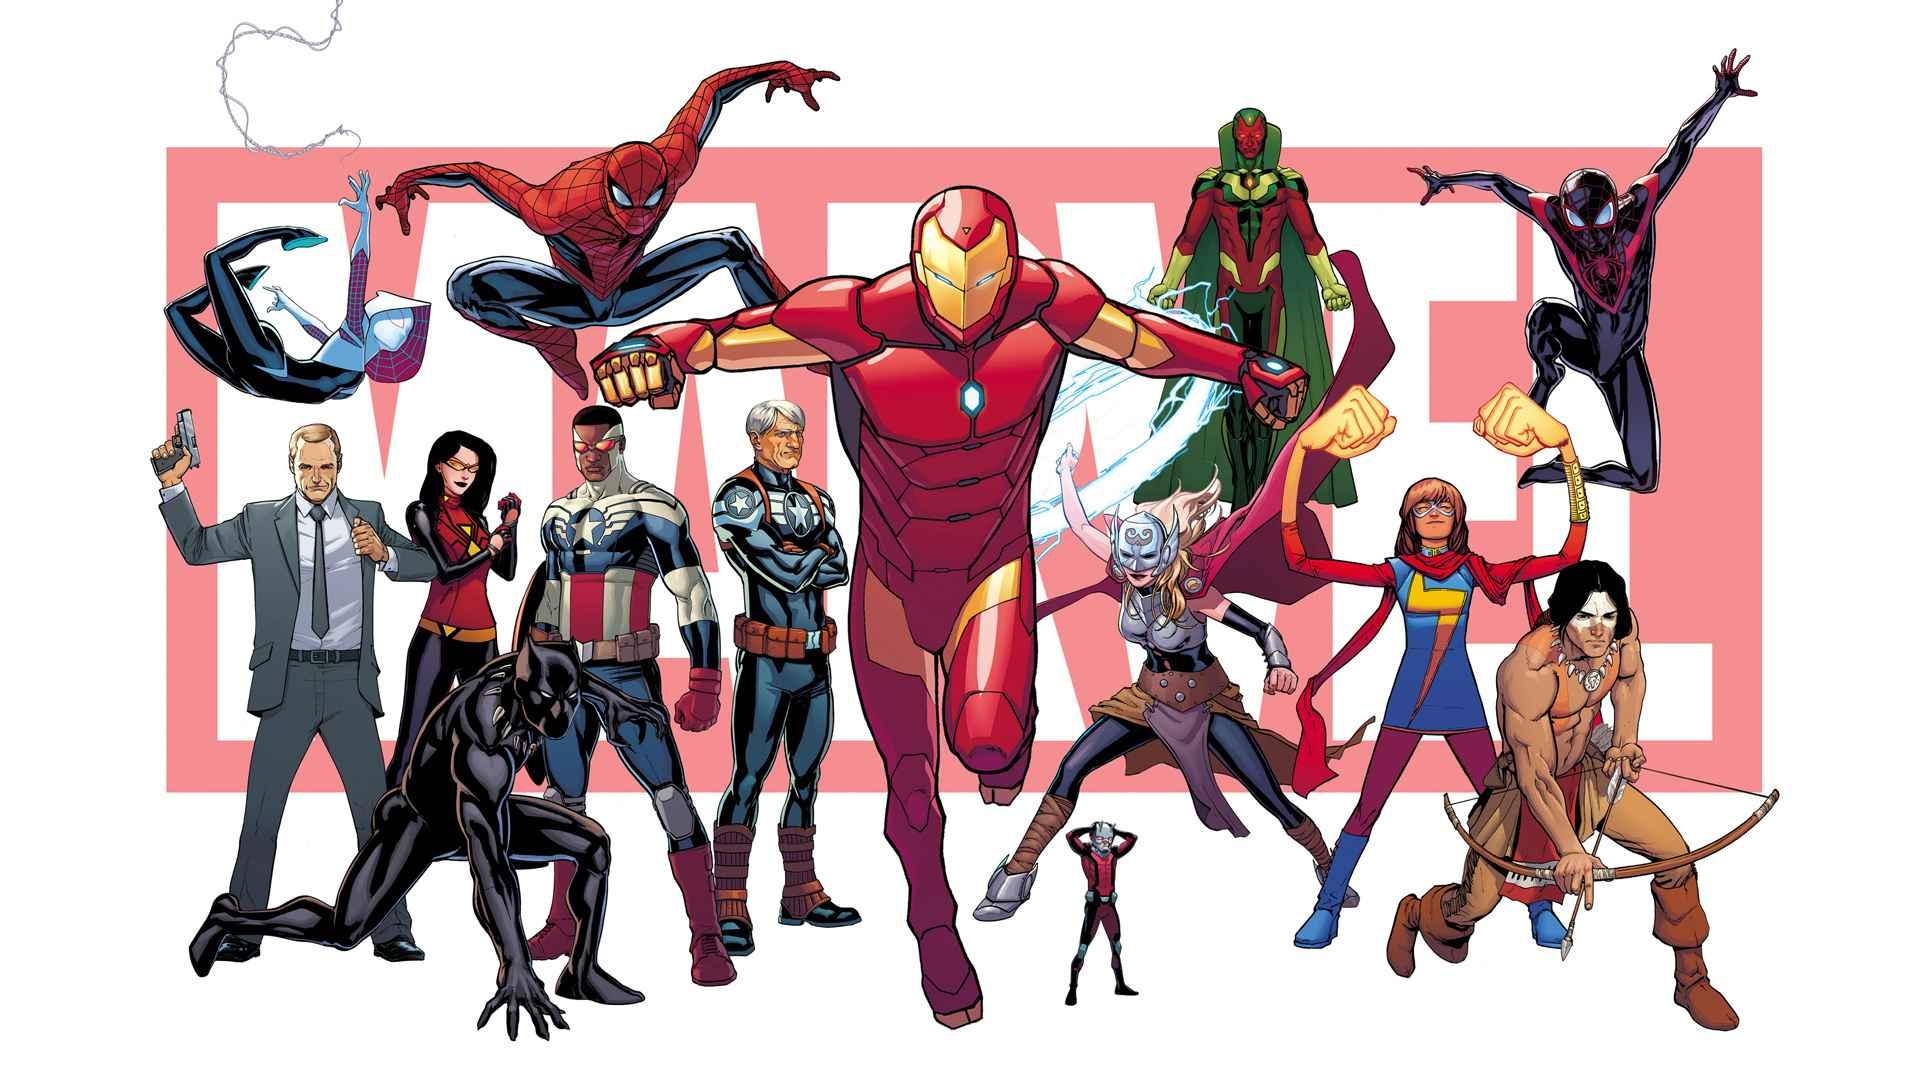 chitat komiksy marvel onlajn na russkom 1